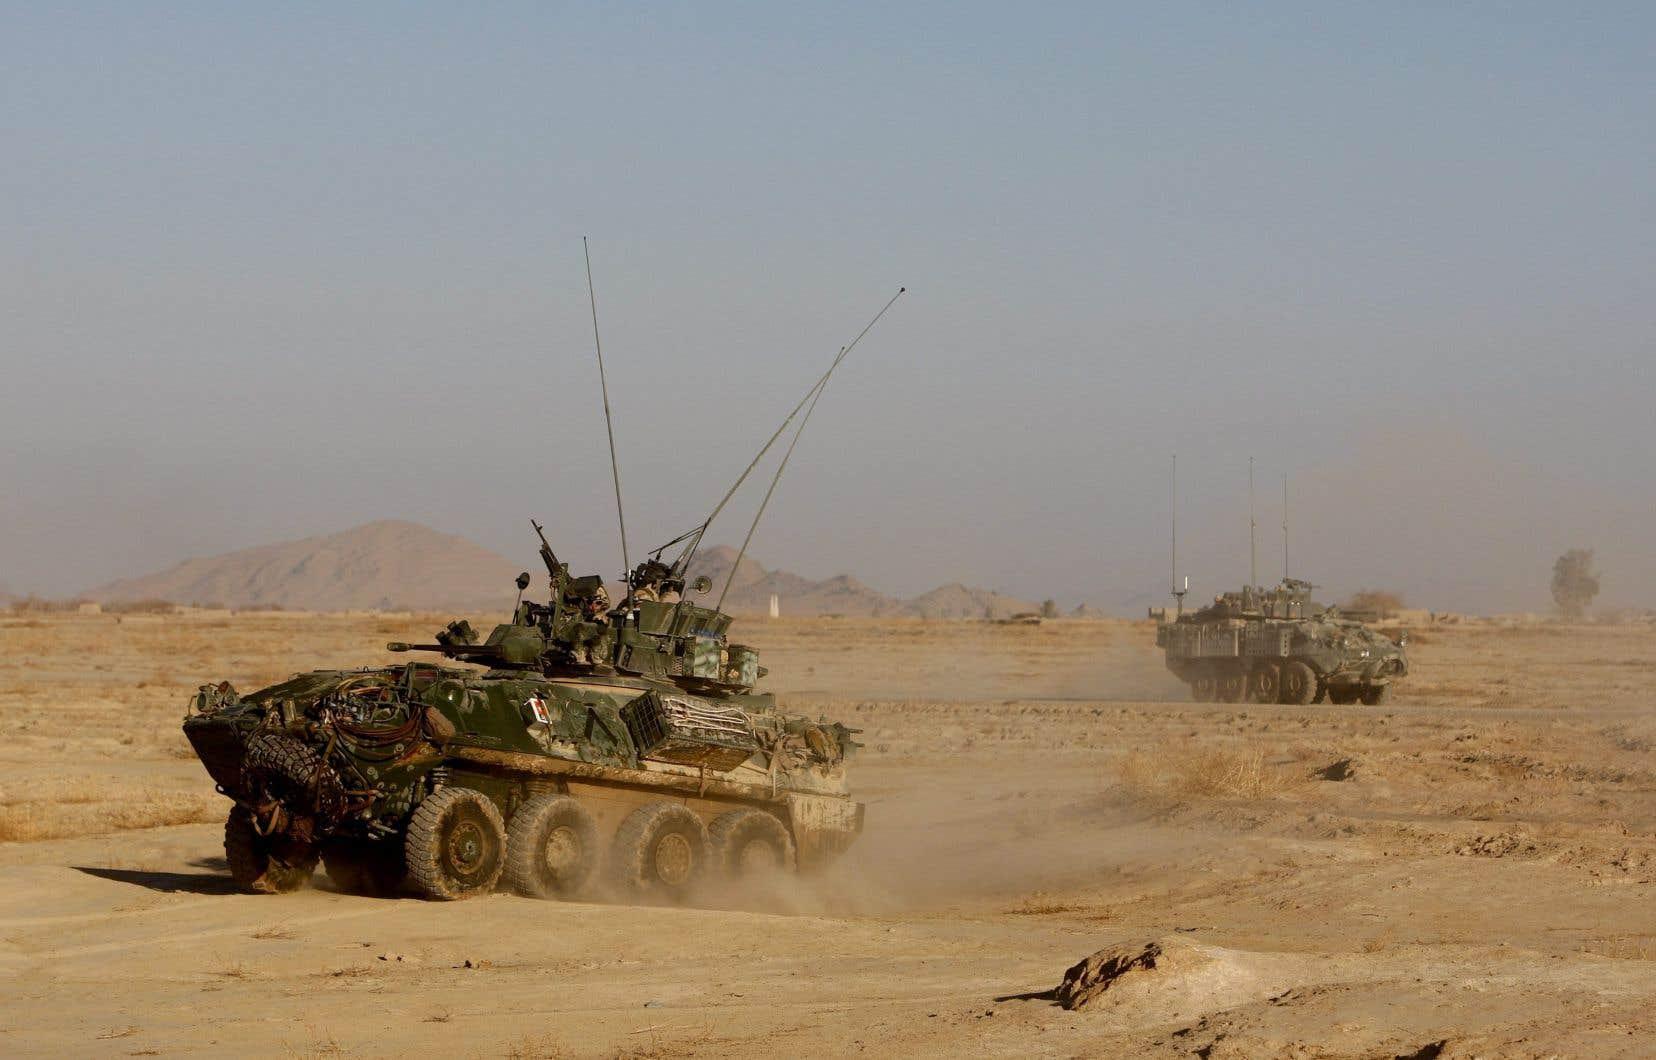 La ministre des Affaires étrangères avait annoncé l'été dernier qu'elle réviserait le dossier après que Riyad eut reconnu avoir utilisé des véhicules blindés canadiens contre des civils.